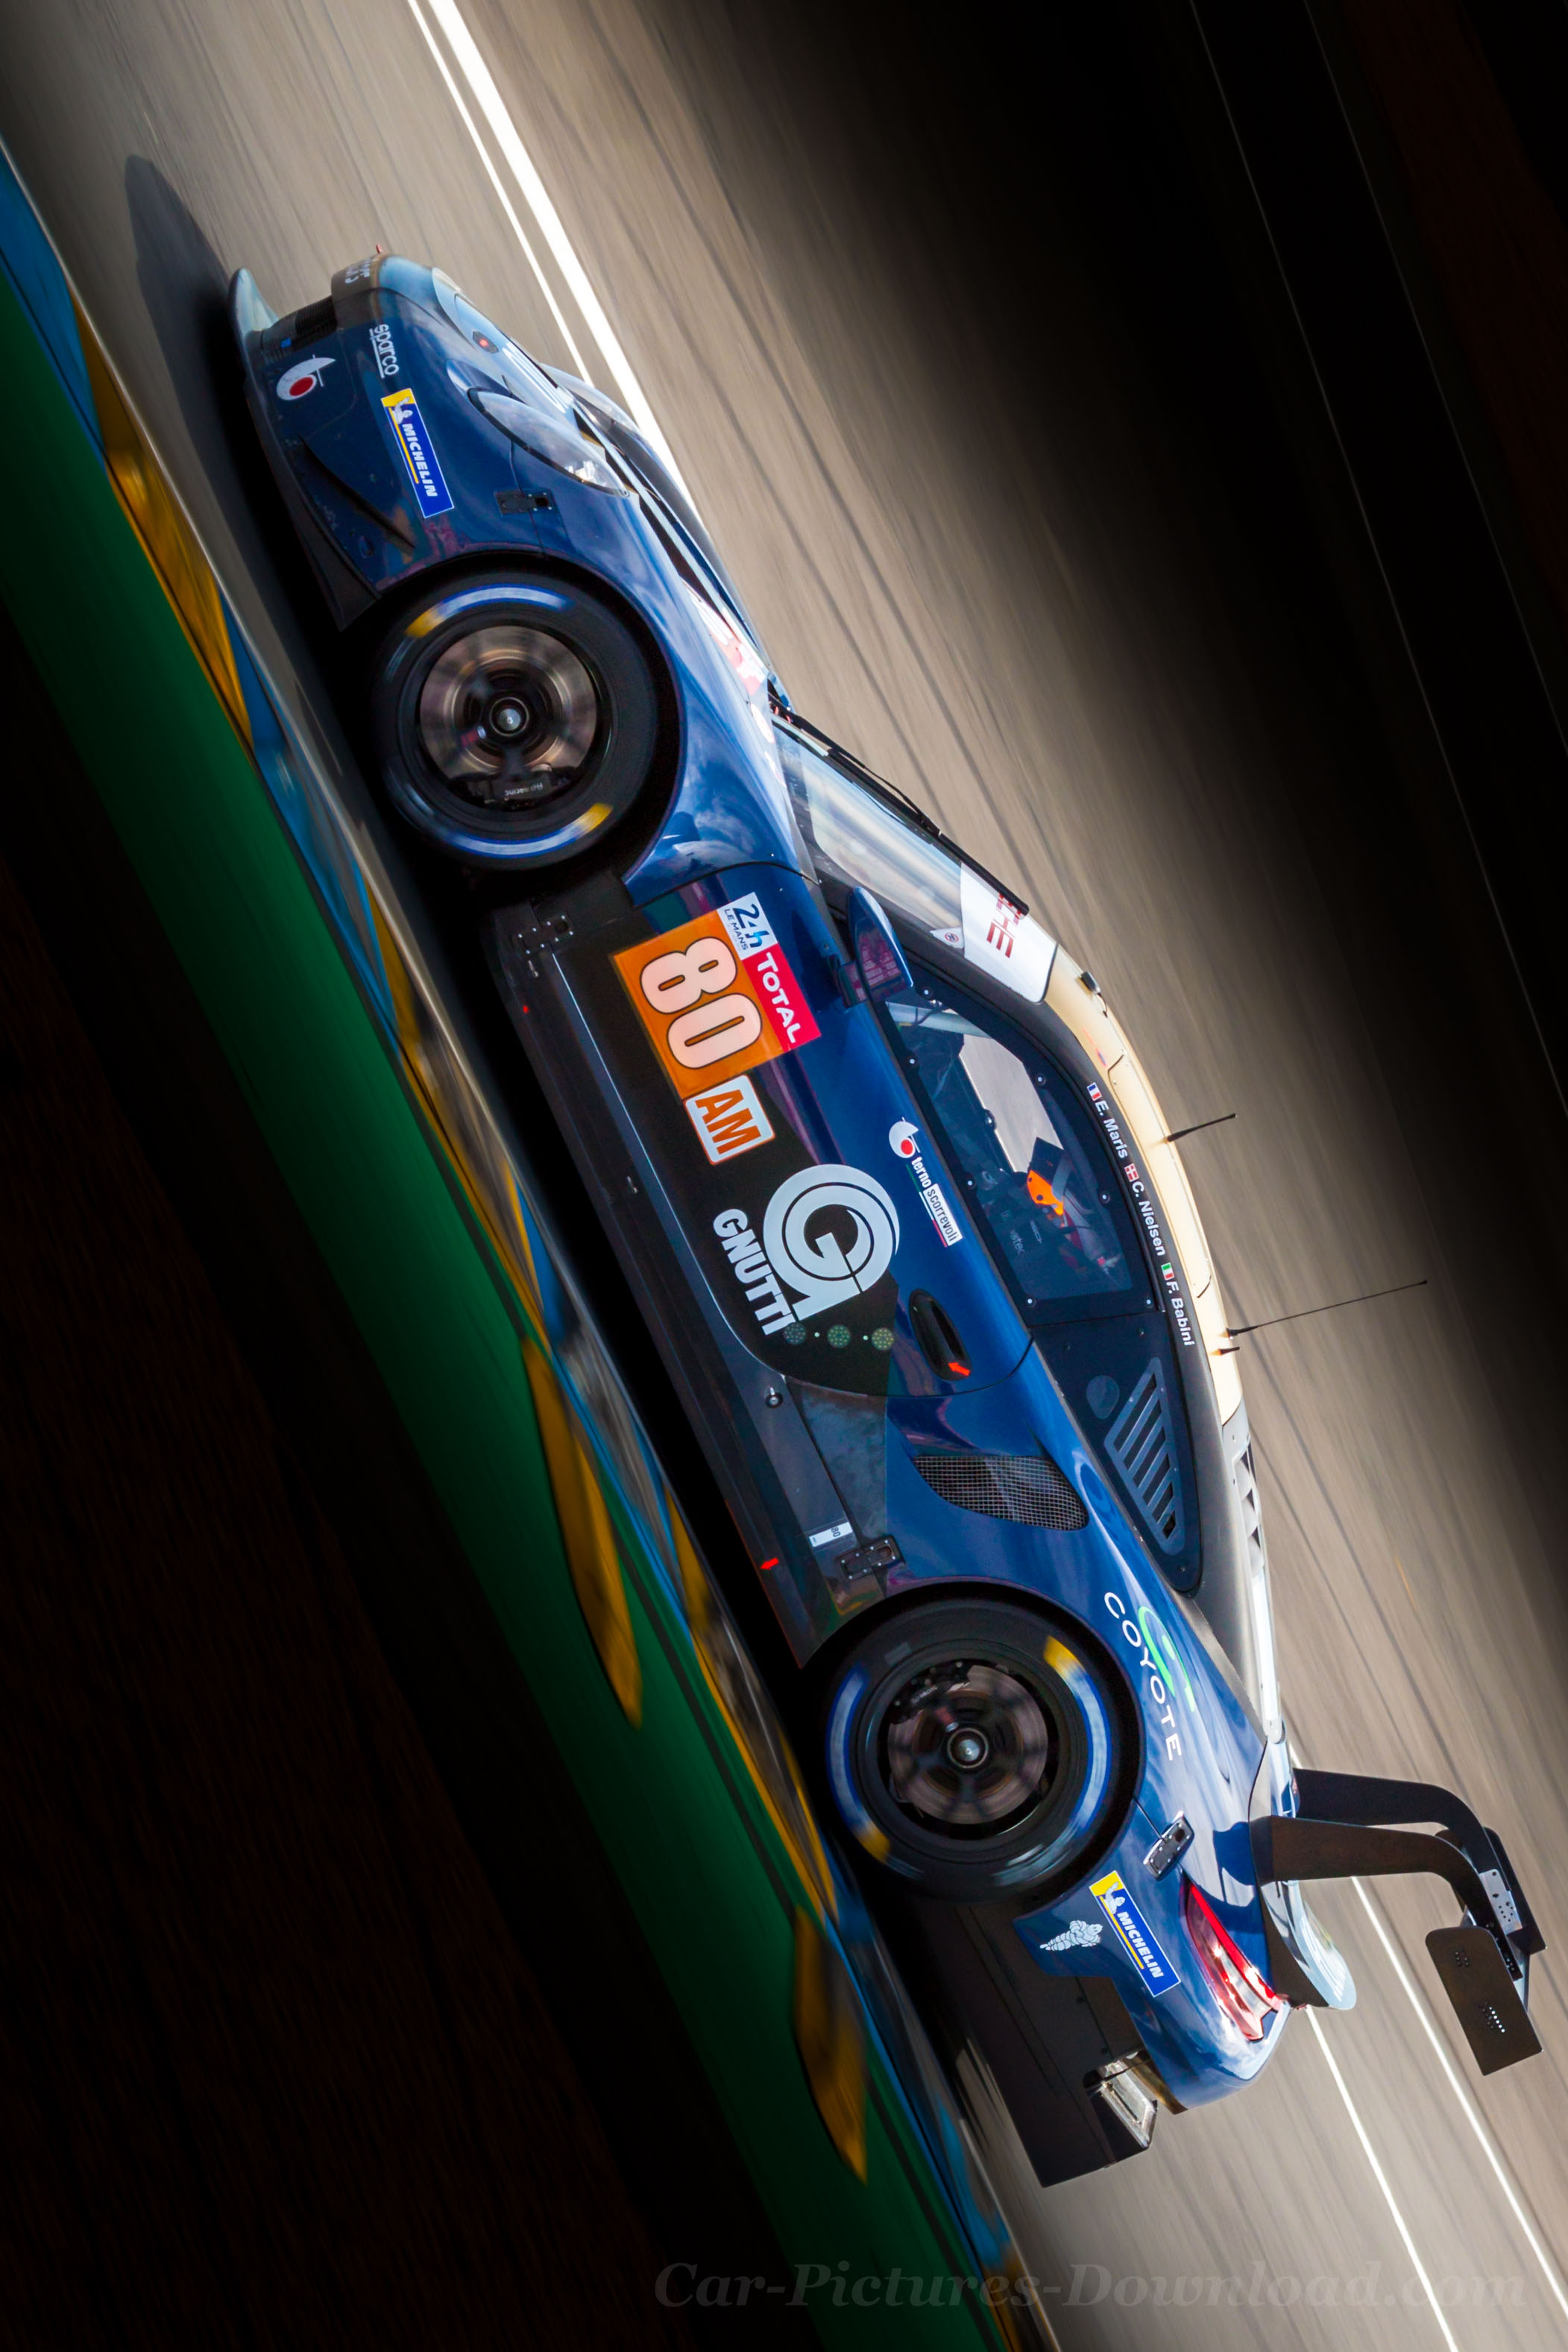 Porsche Car Wallpaper Iphone Car 566729 Hd Wallpaper Backgrounds Download